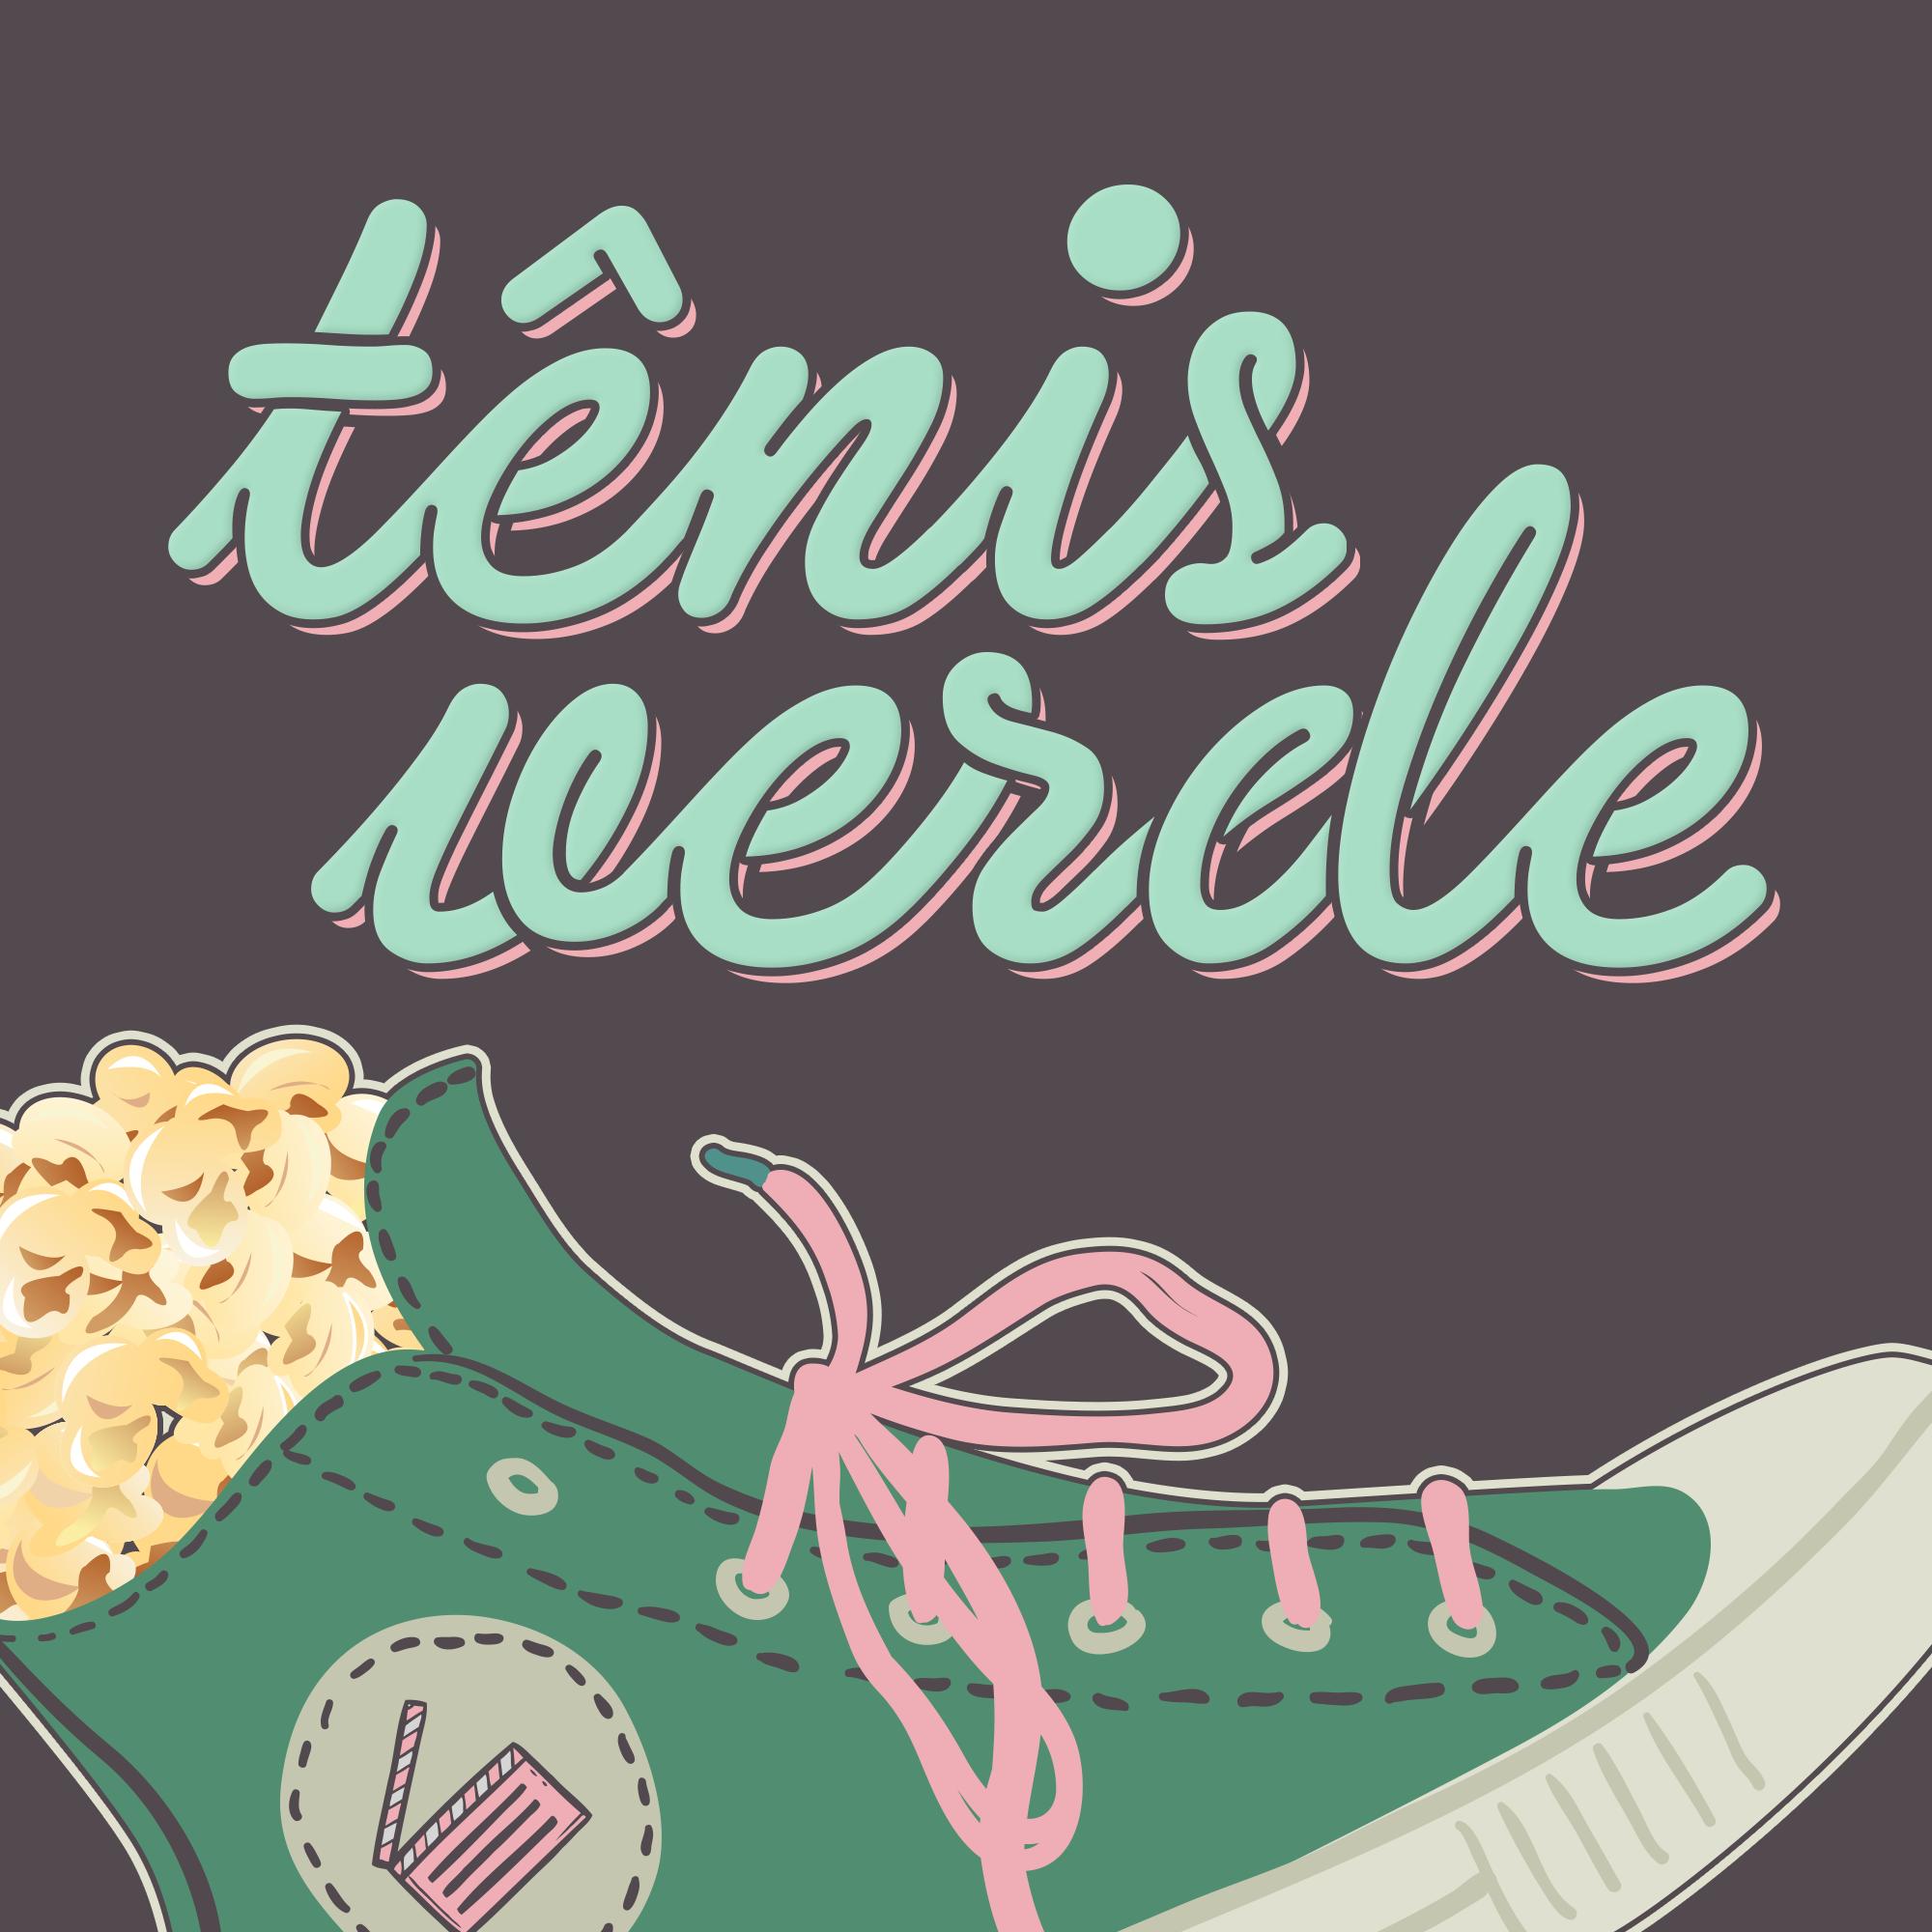 Tênis Verde | Podcast de Cinema e Séries